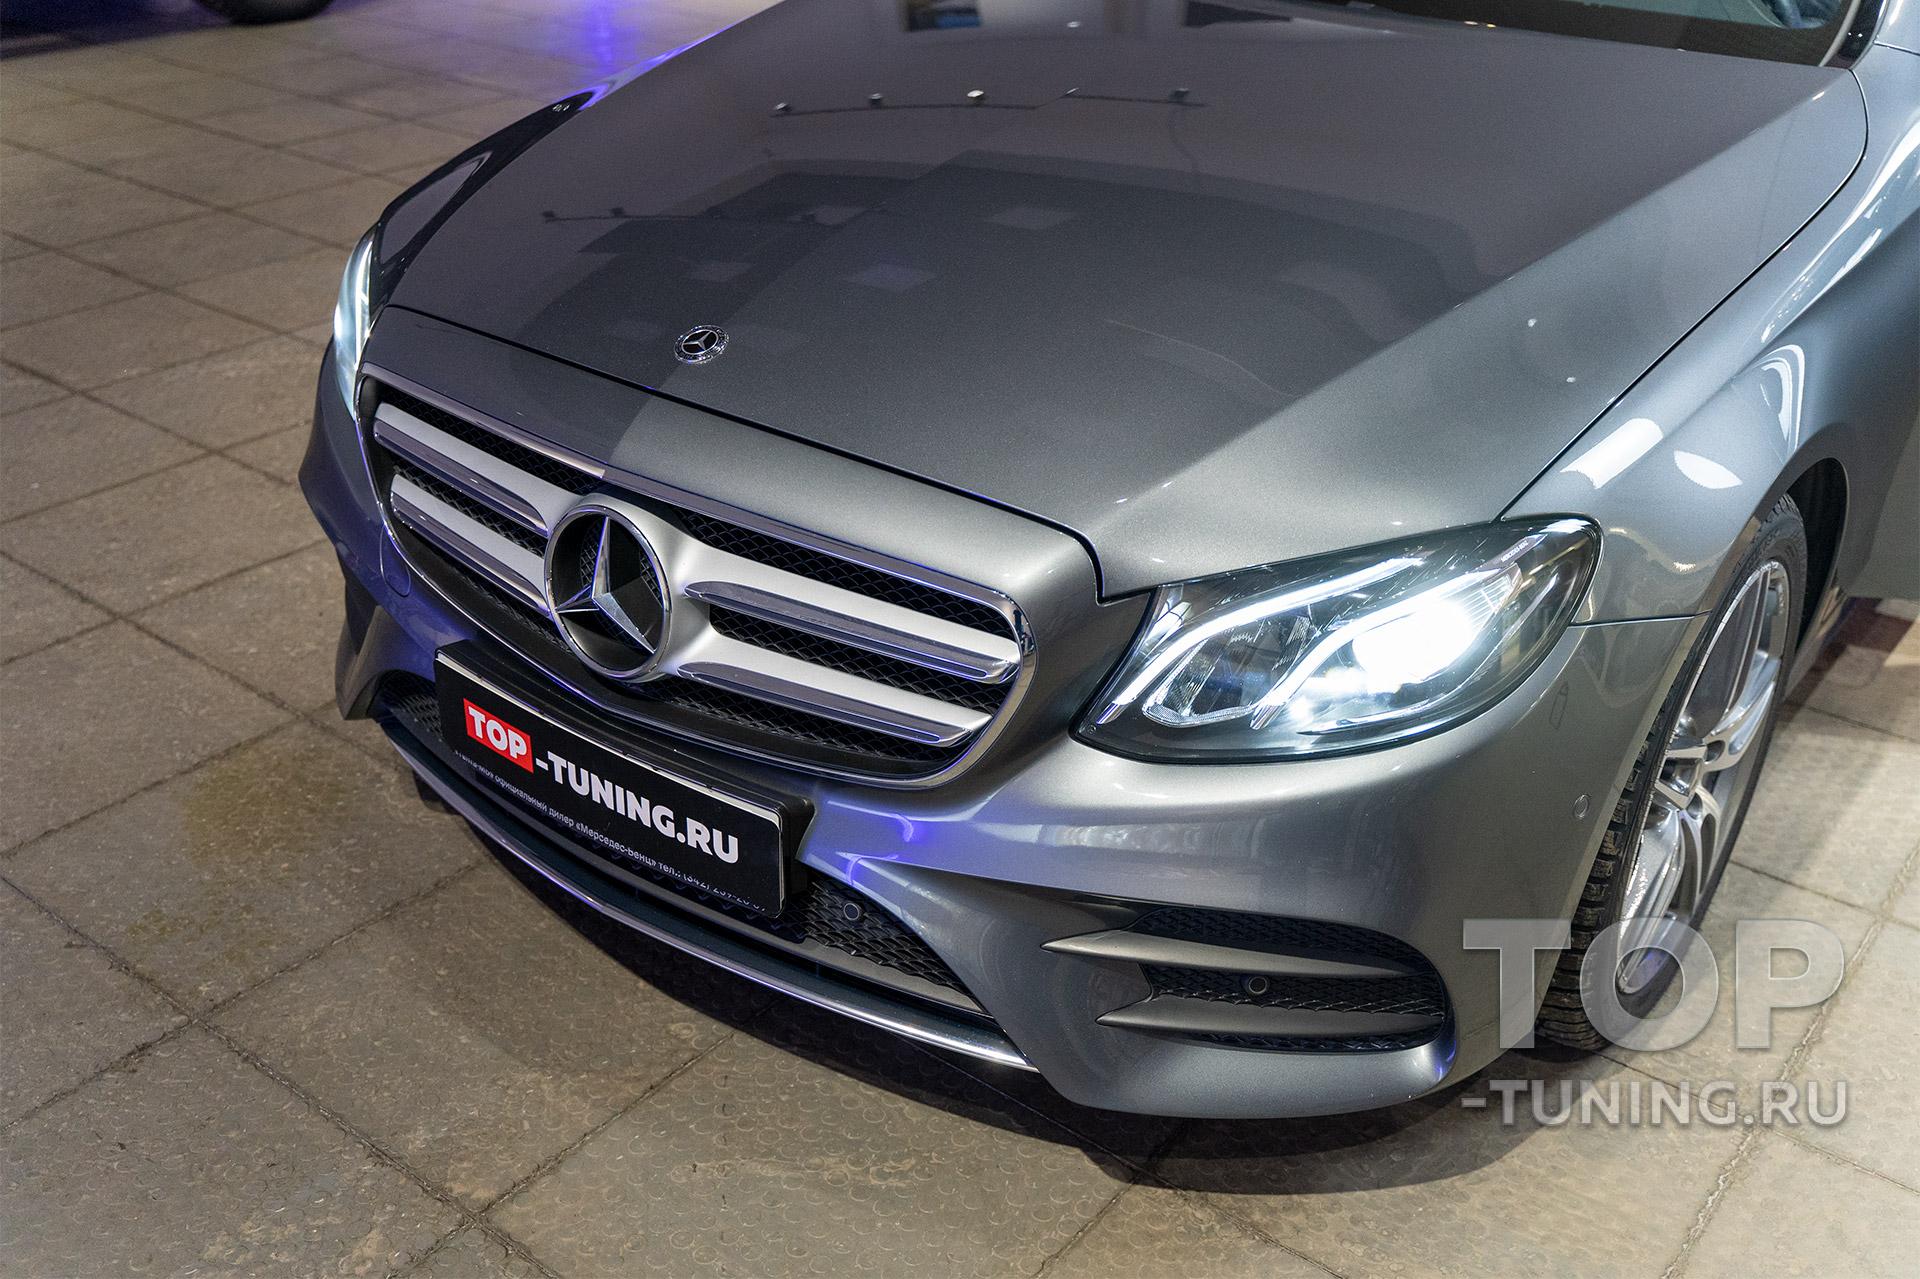 Детейлинг Mercedes-Benz E w213 в Top Tuning Москва - отзывы, готовые работы